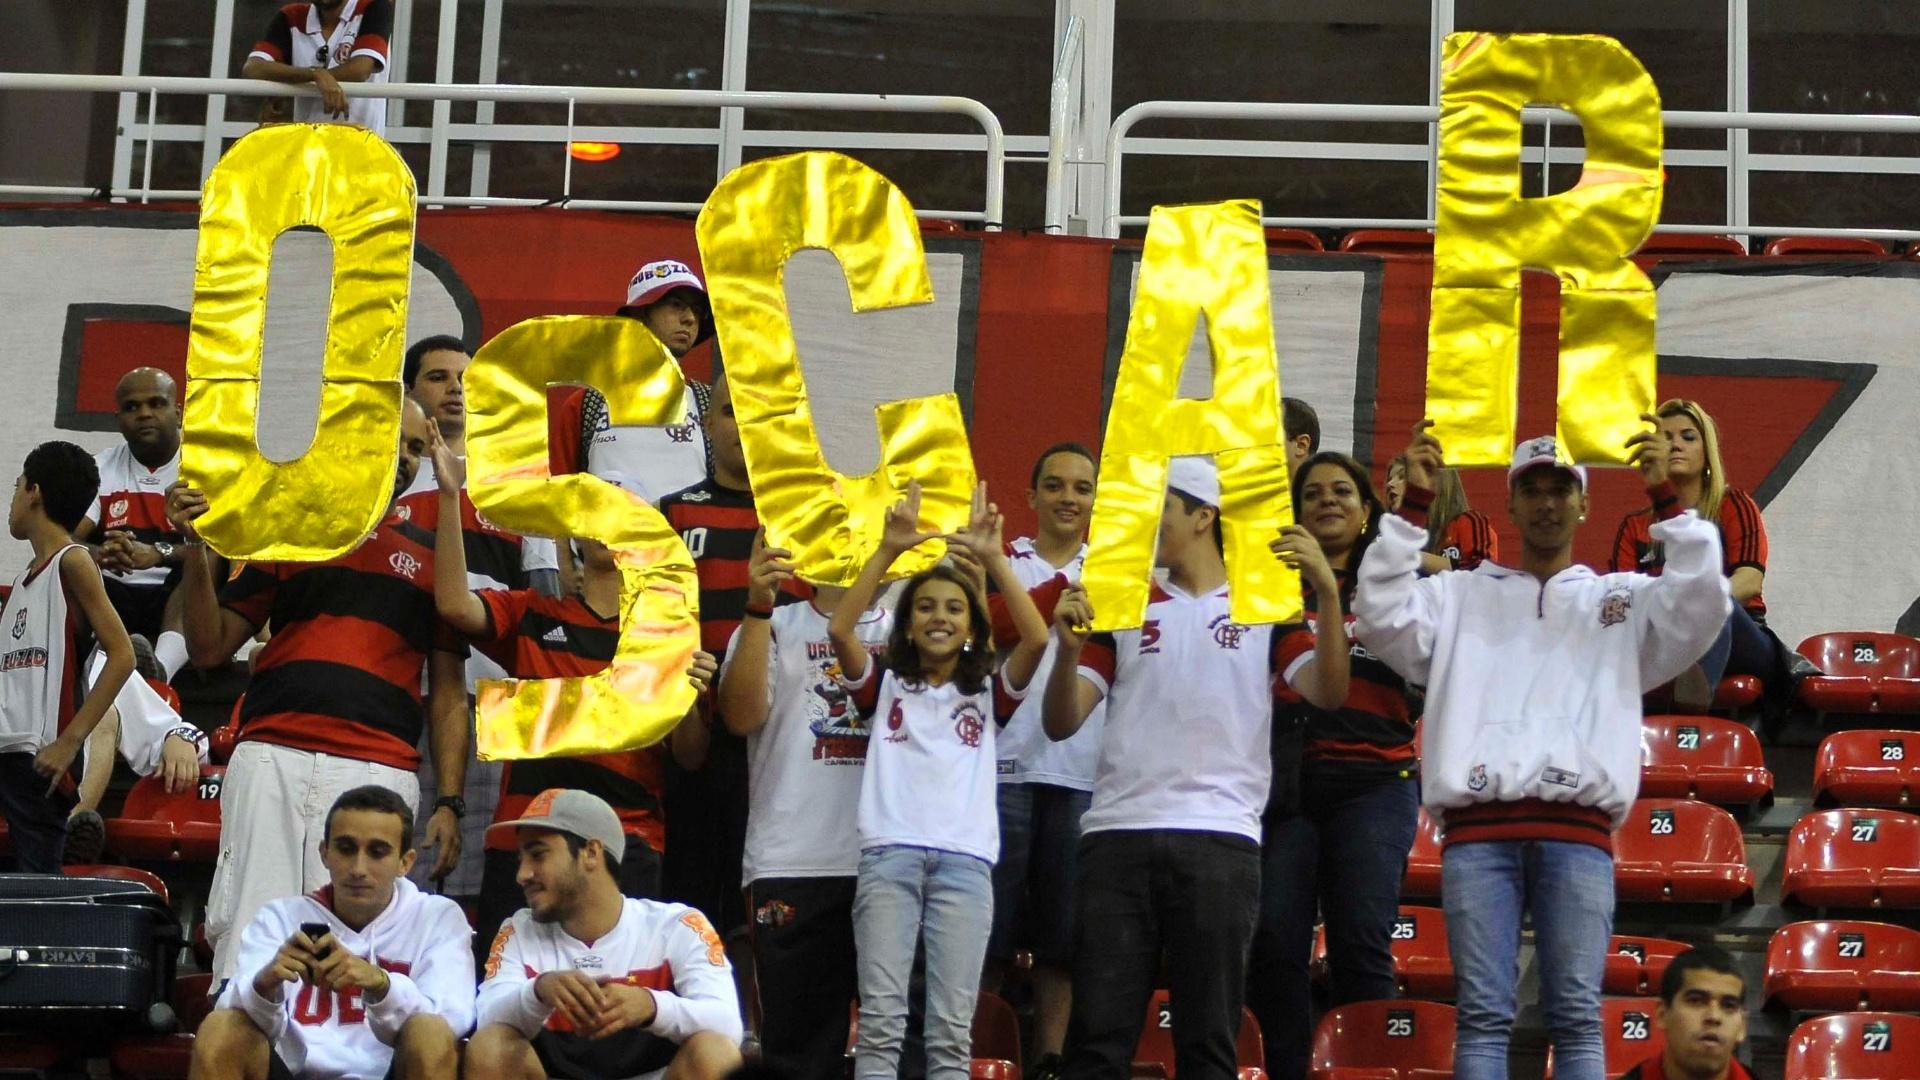 01.jun.2013 - Torcida do Flamengo homenageia Oscar na final do NBB contra Uberlândia